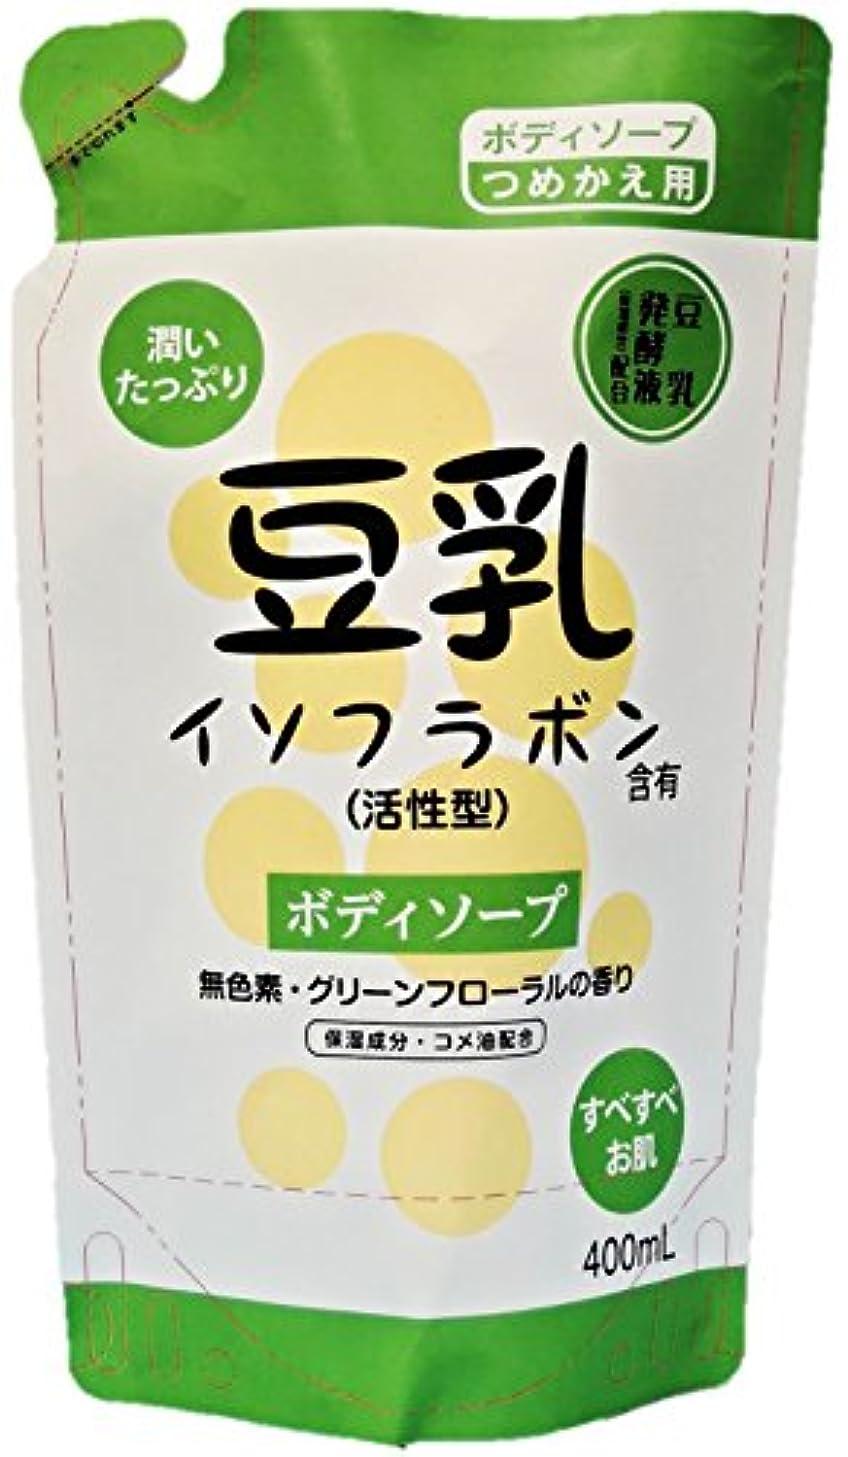 活性化強打トン豆乳ボディソープ 詰替え 400ml